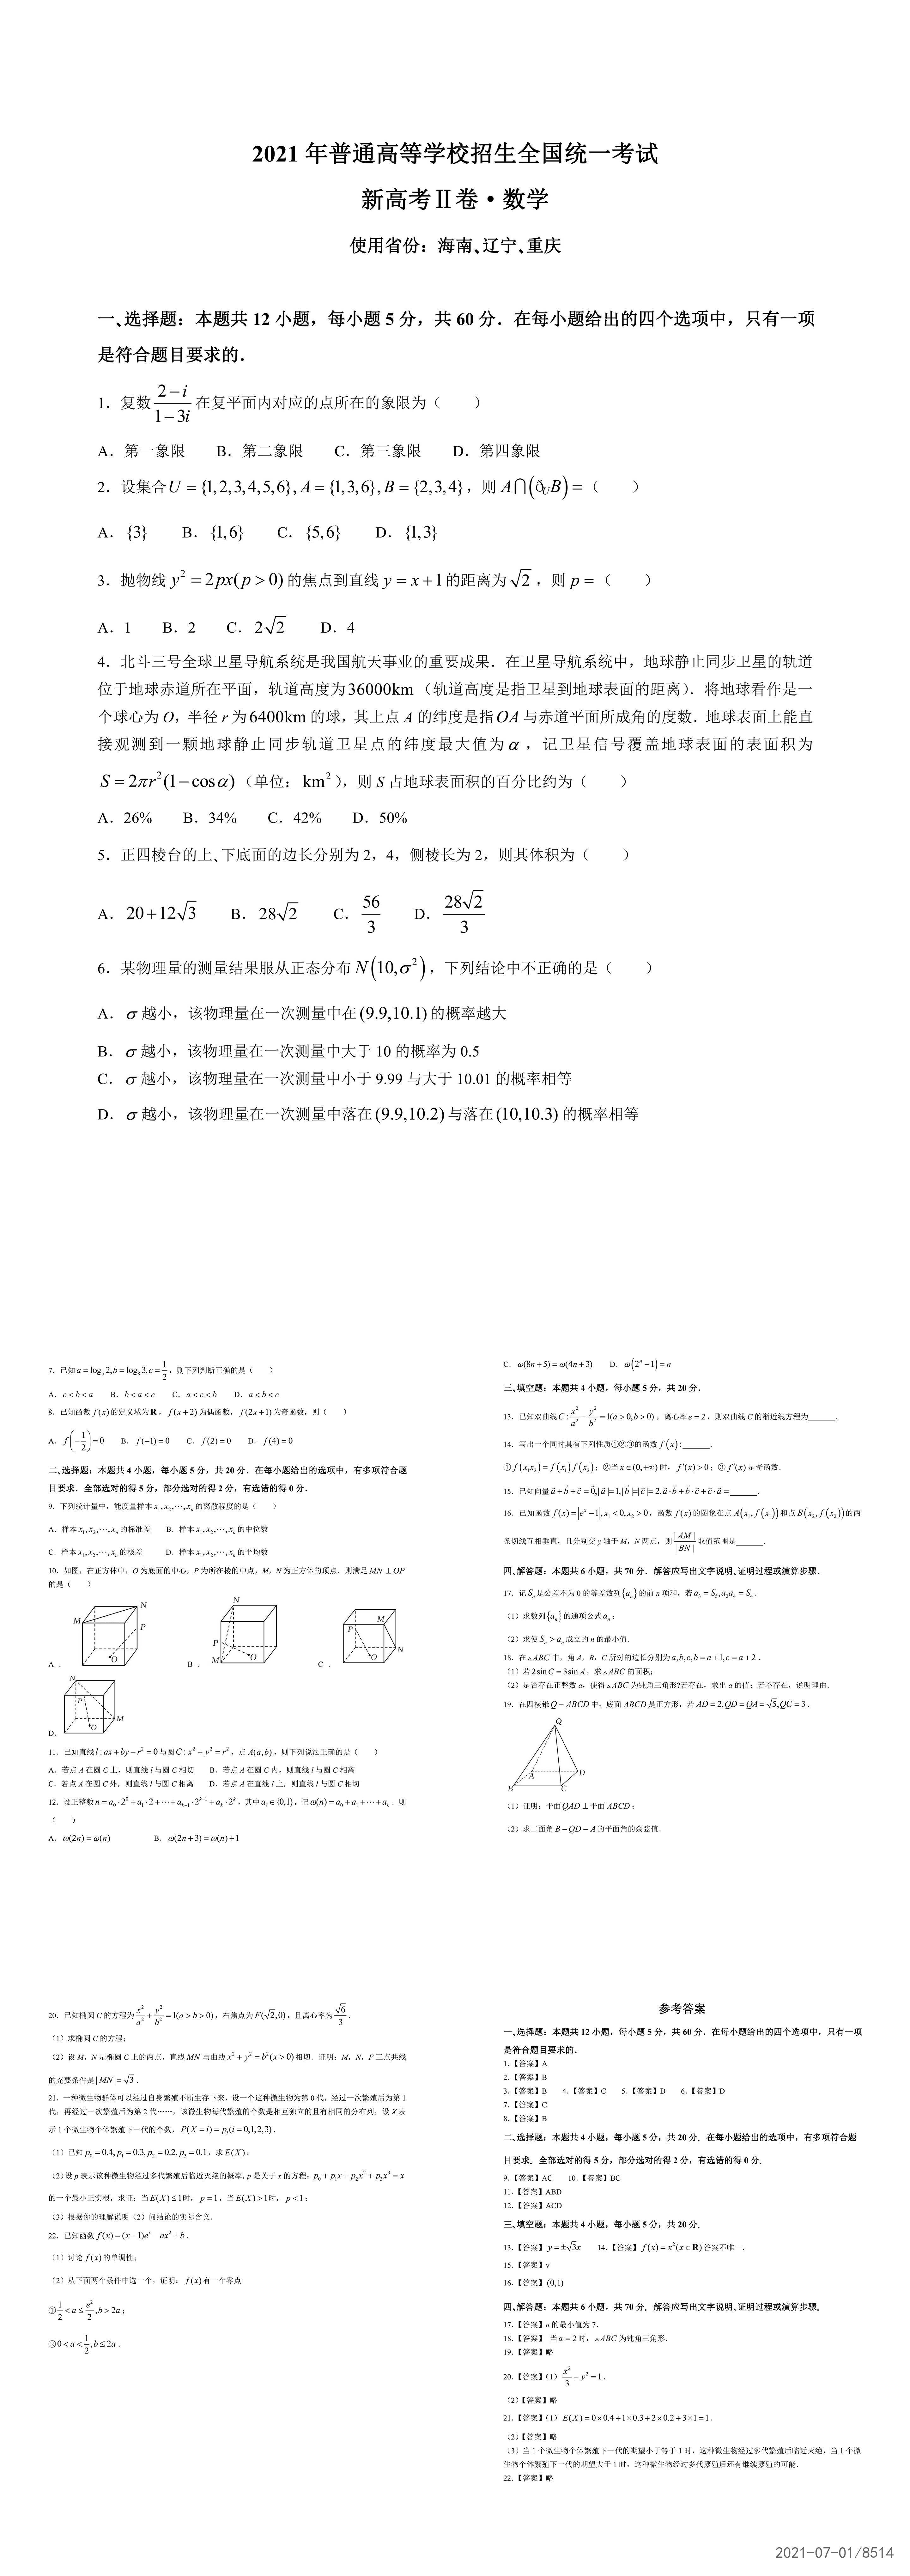 2021年新高考二卷数学真题word模板